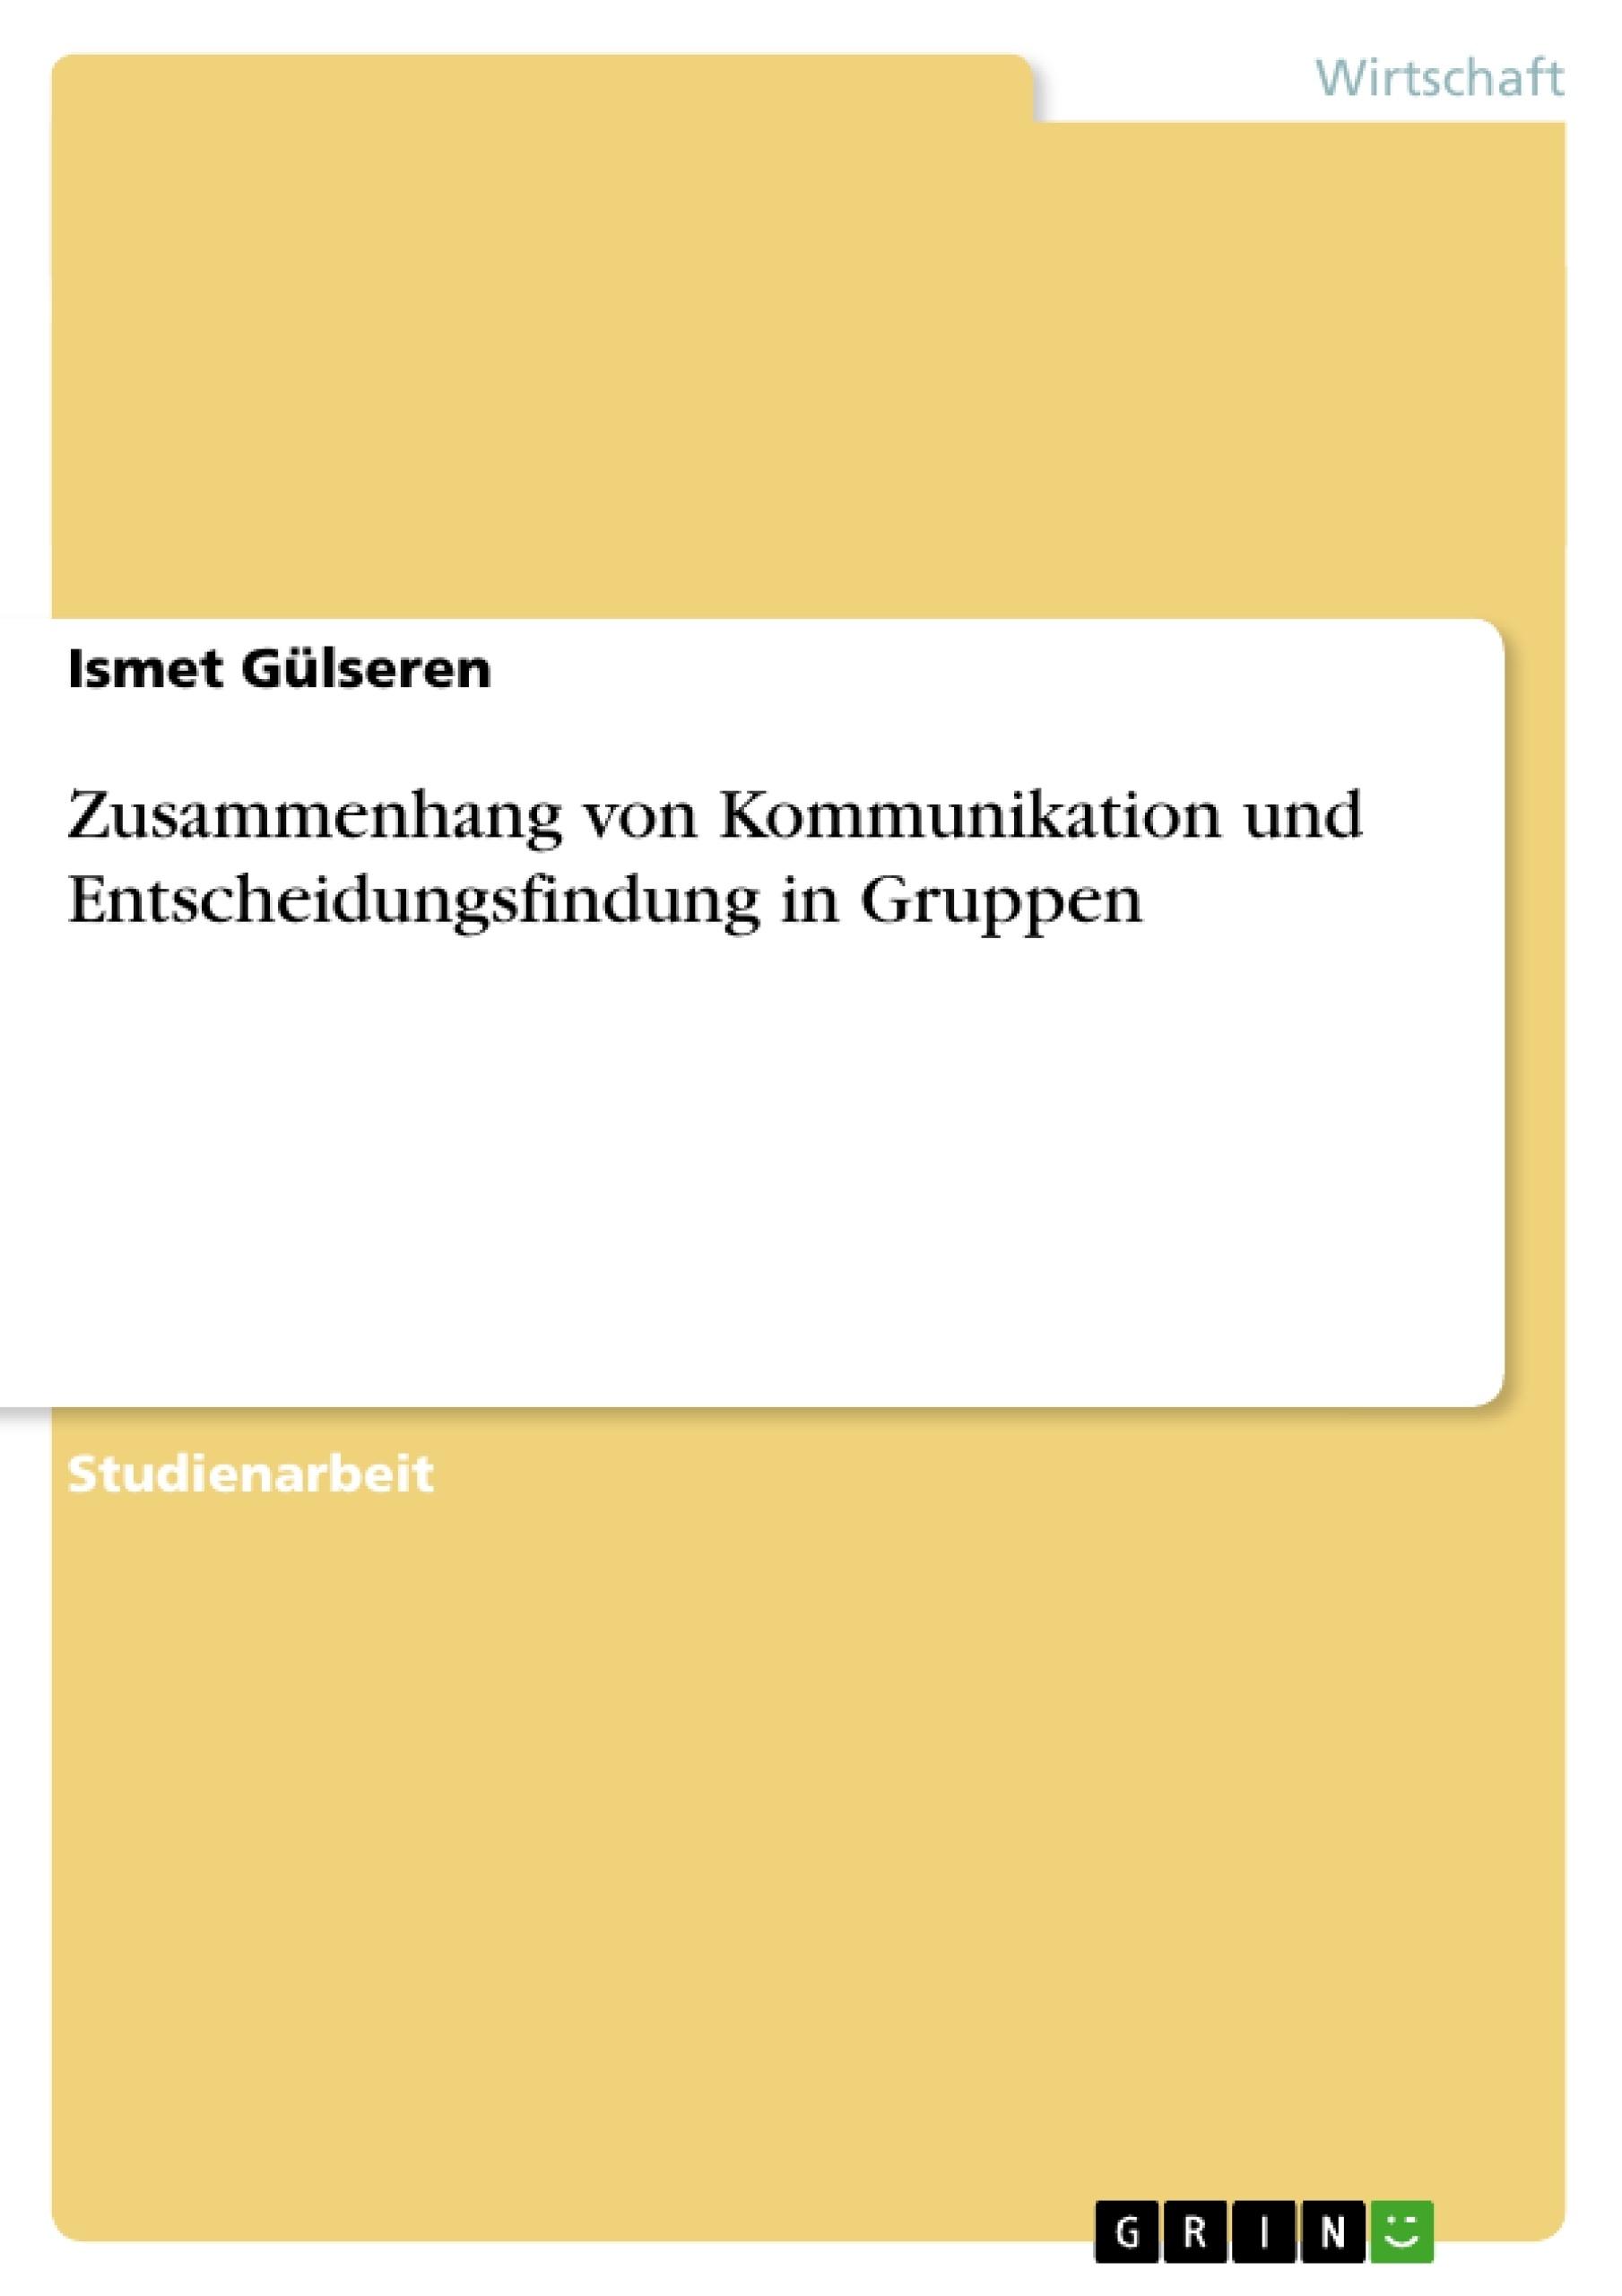 Titel: Zusammenhang von Kommunikation und Entscheidungsfindung in Gruppen